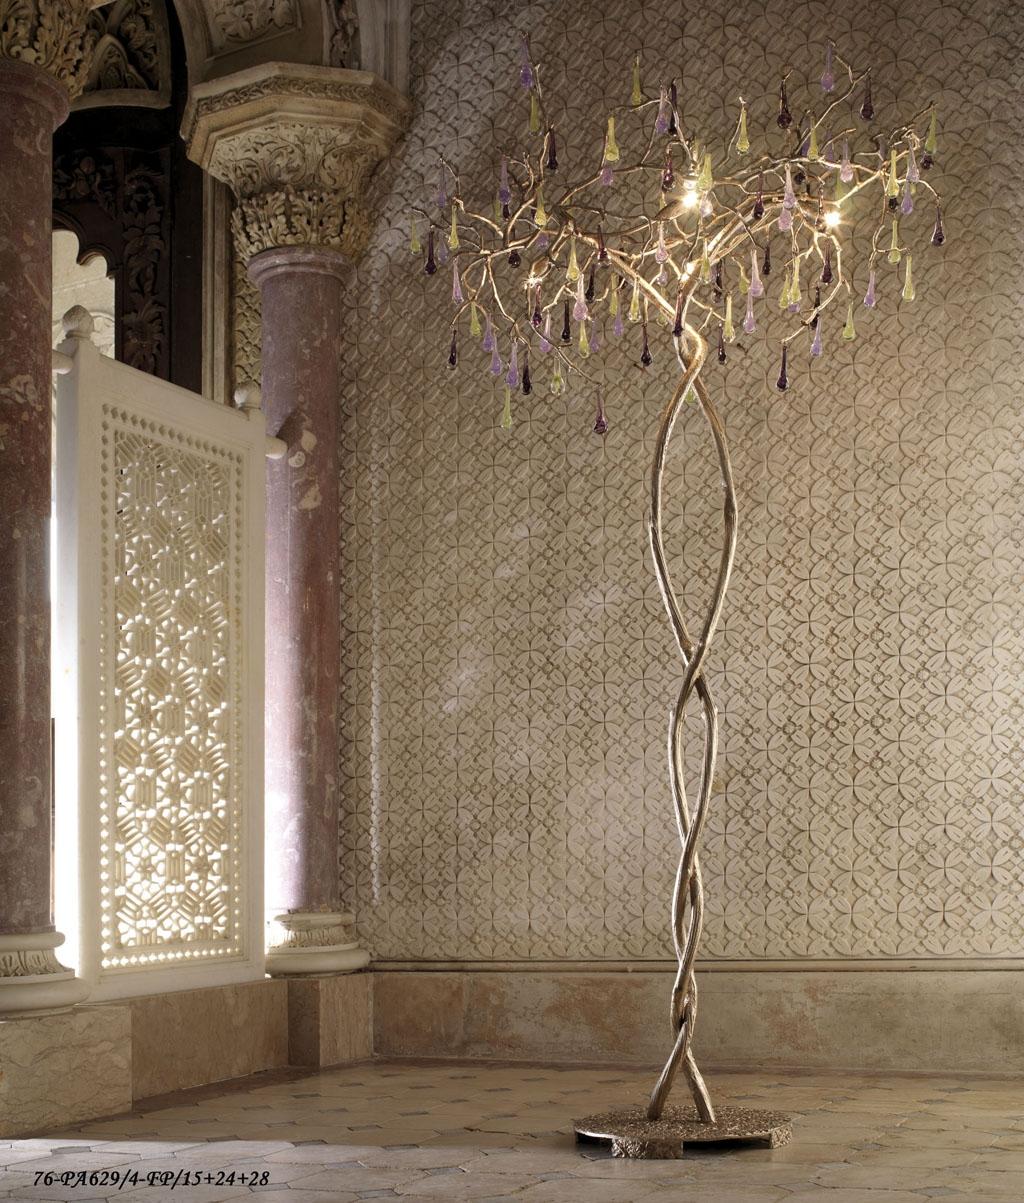 Serip Organic Lighting Bijout Chandelier Best In Show Pertaining To Standing Chandelier Floor Lamps (Image 21 of 25)